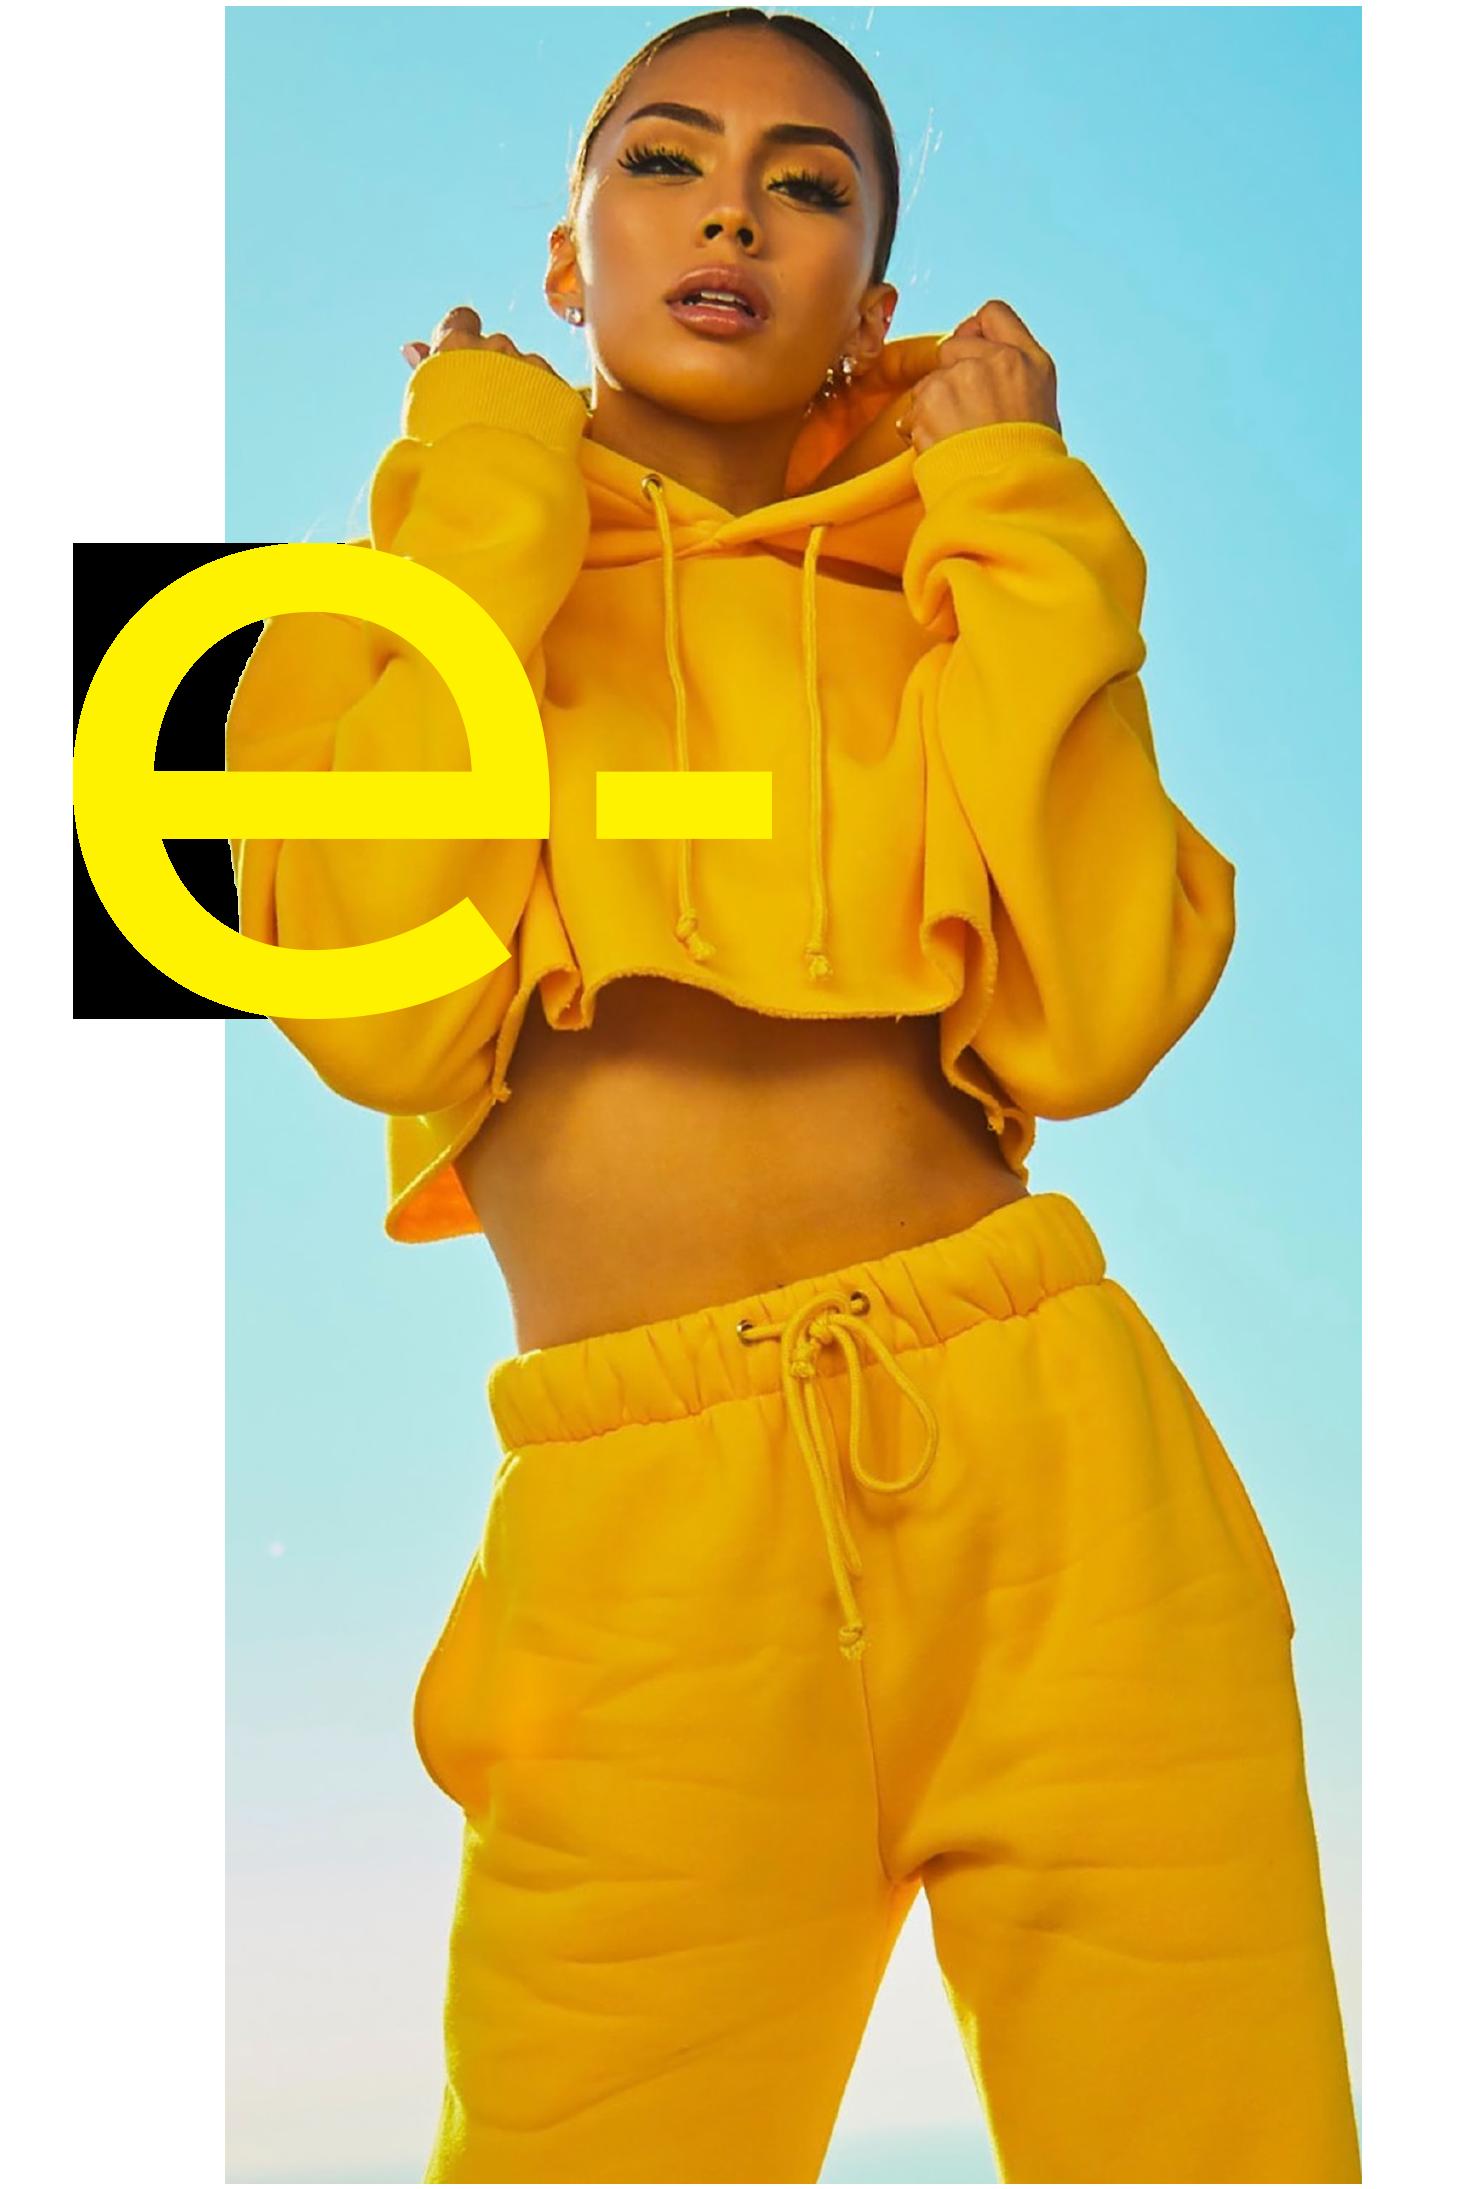 e-book_girl_yellow_5